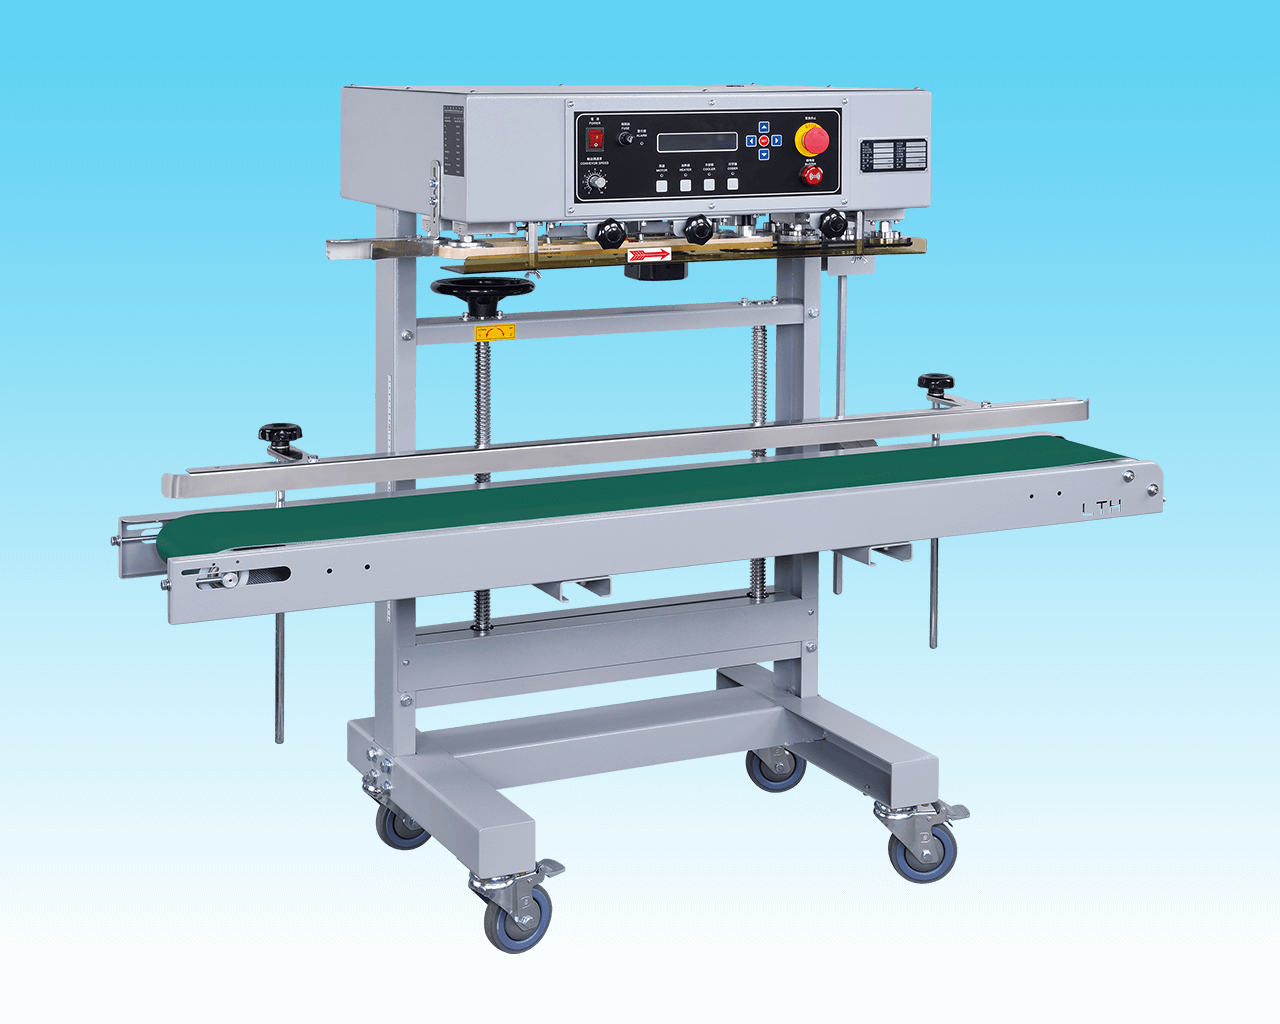 sealing machinery、band sealer、band sealing、sealing packaging、sealing packaging machine、sealer machine